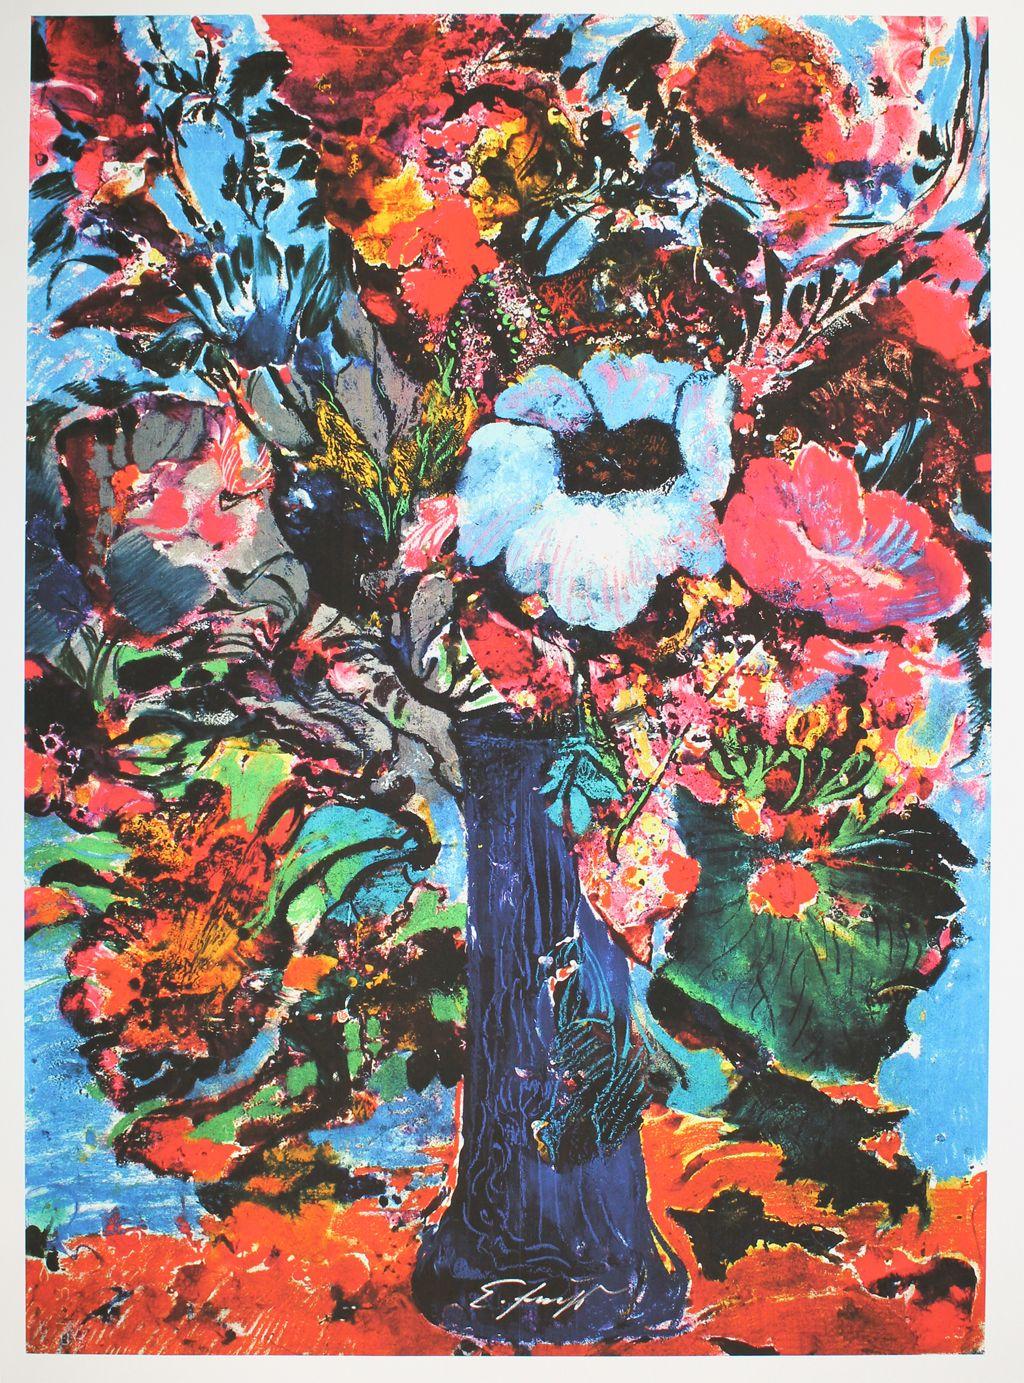 Ernst Fuchs - Bunter Blumenstrauß